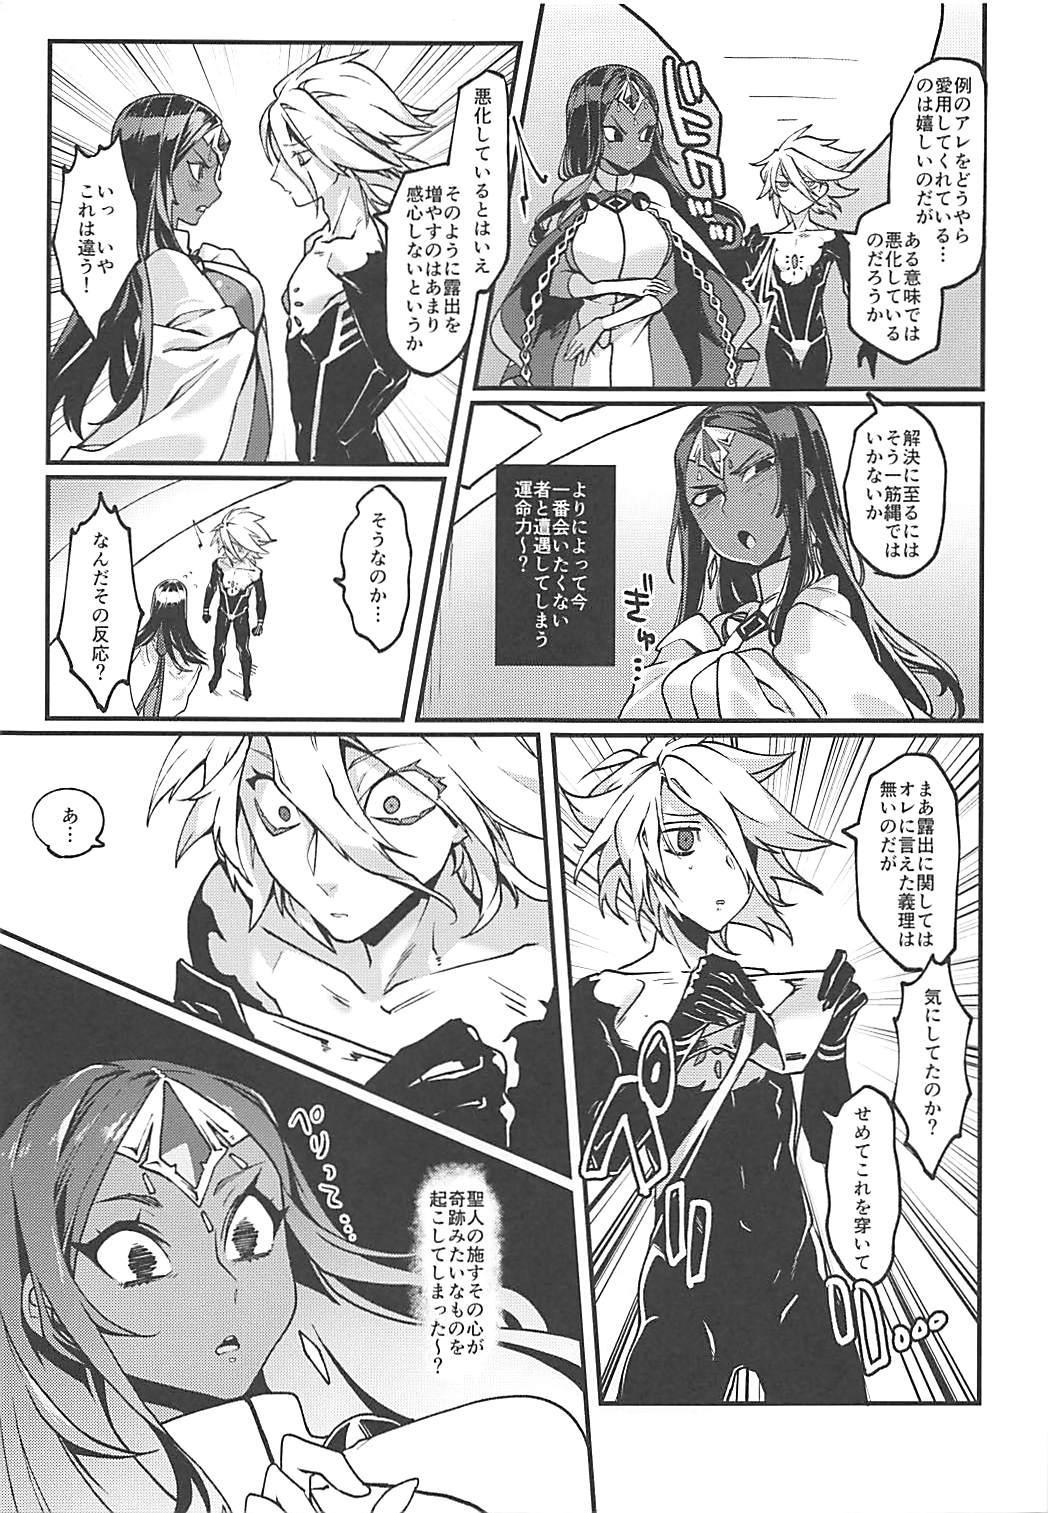 Sazukari no Eiyuu wa Hodokosarenai!! 11